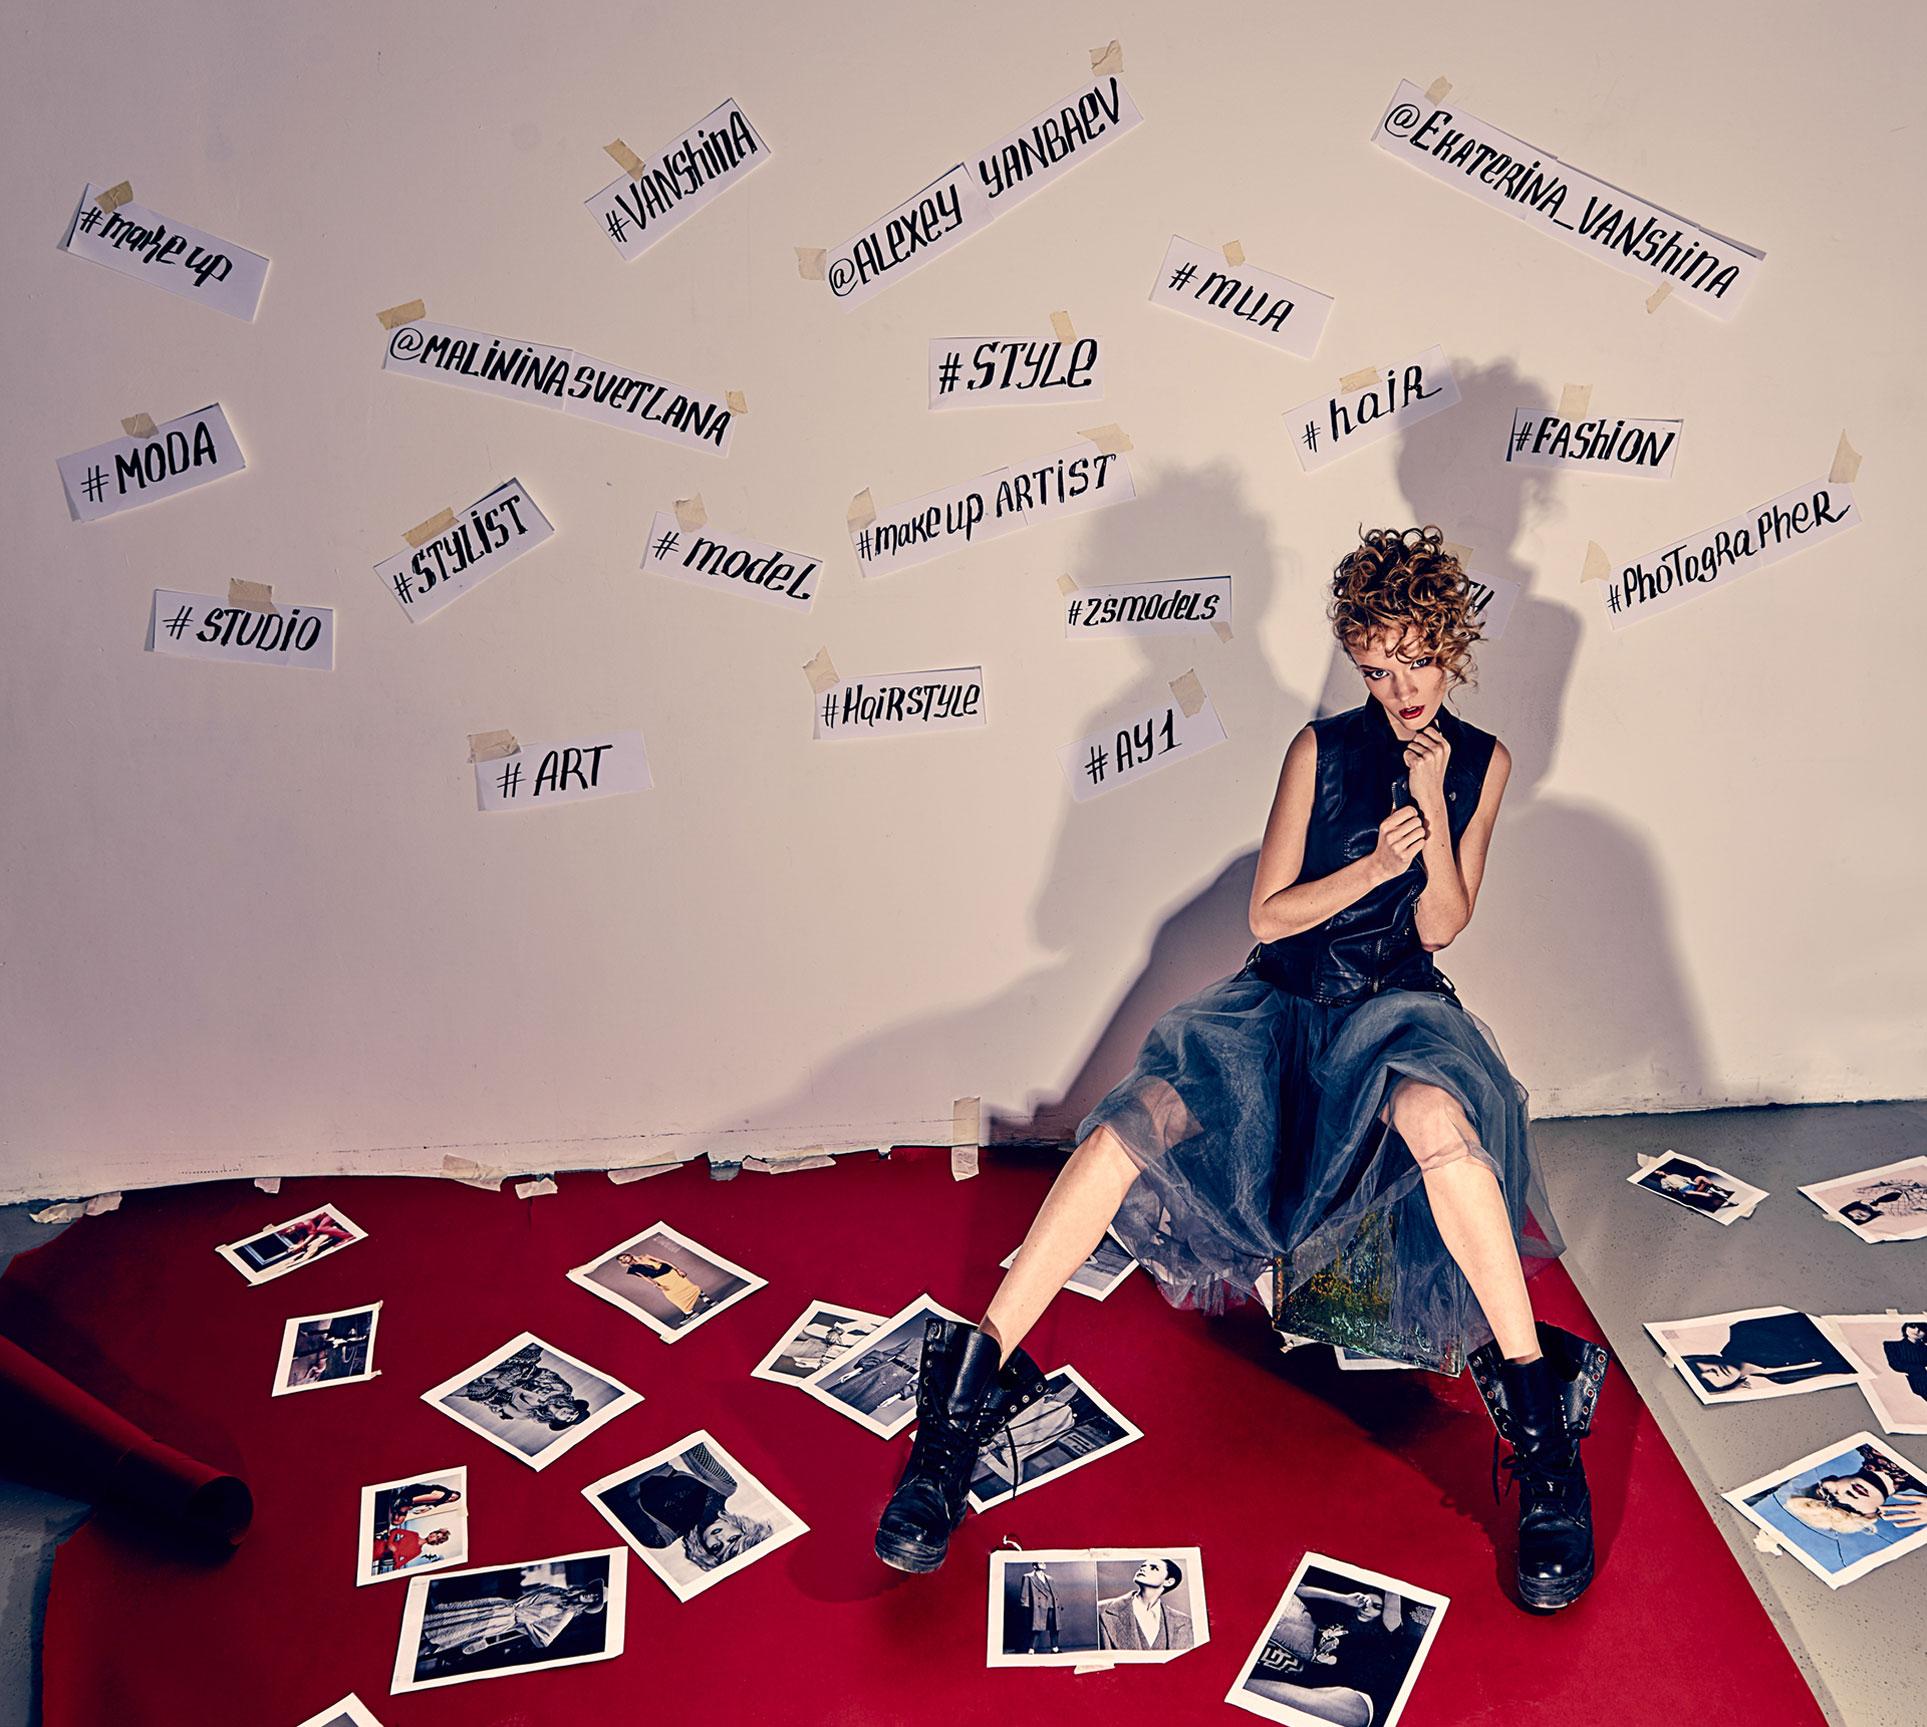 Екатерина Ваньшина и хэштеги в модной фотосессии Алексея Янбаева / фото 03